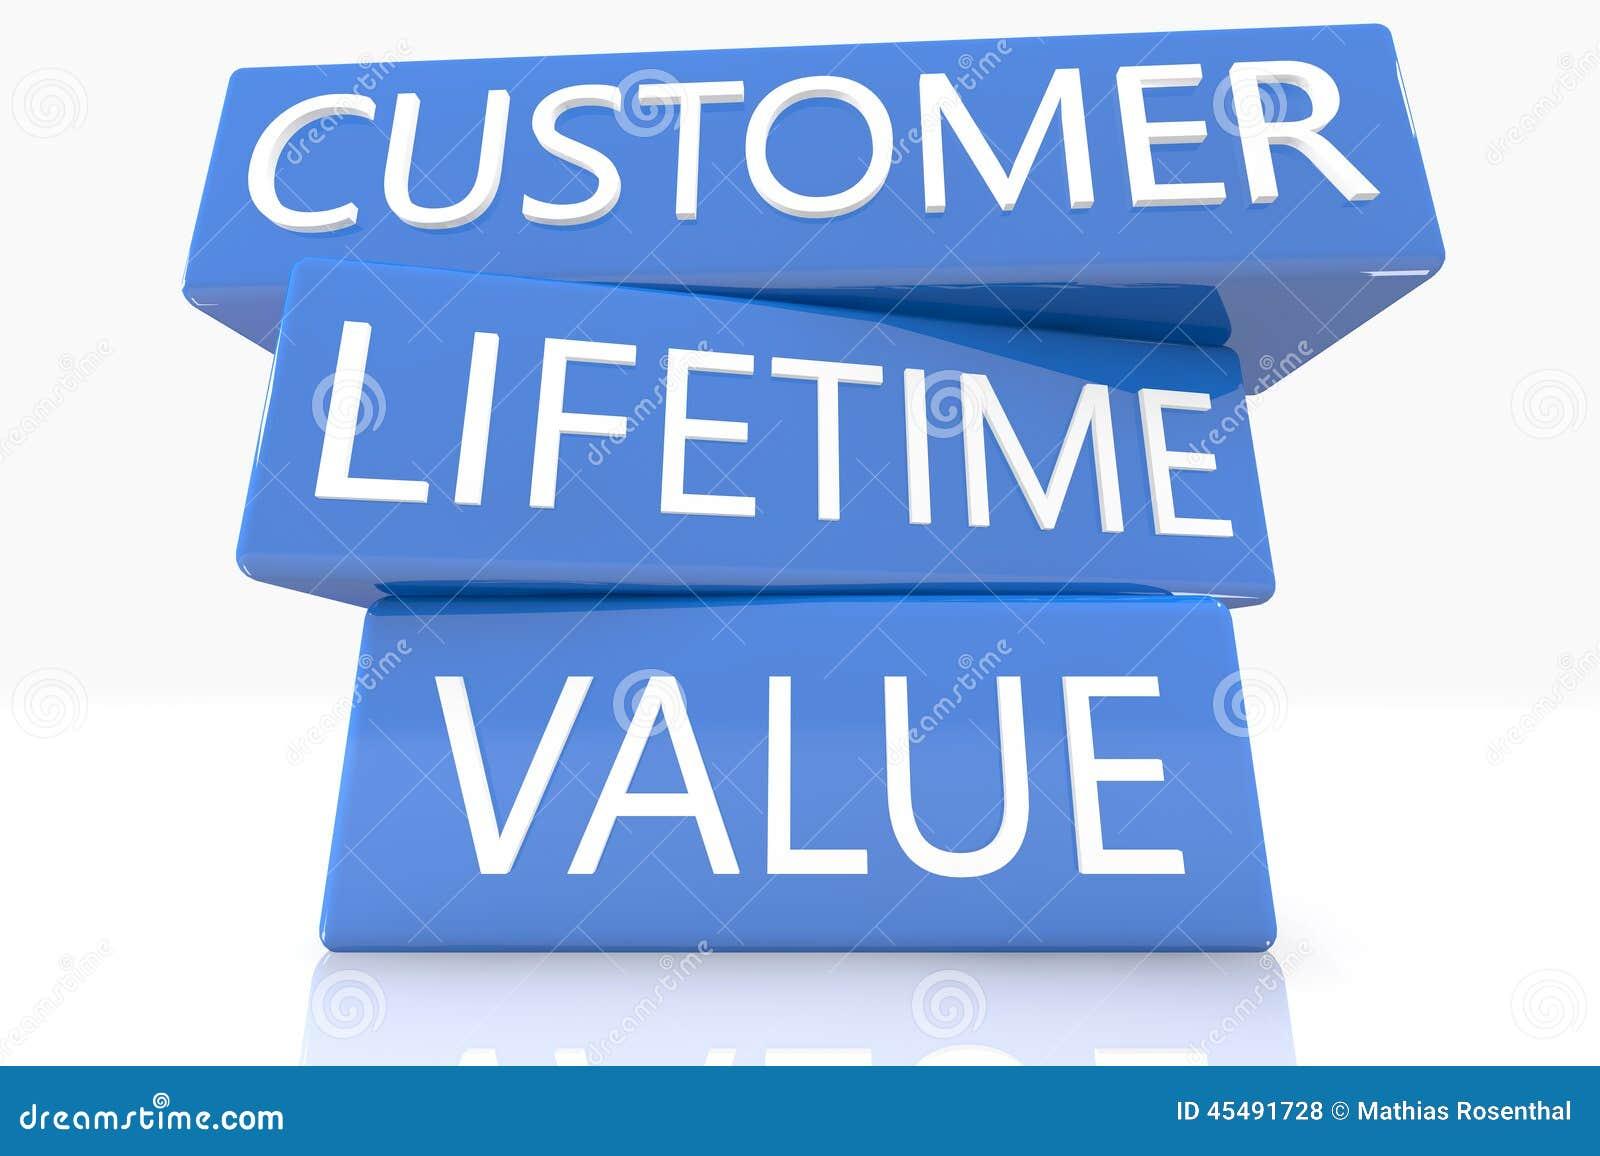 顾客终身价值